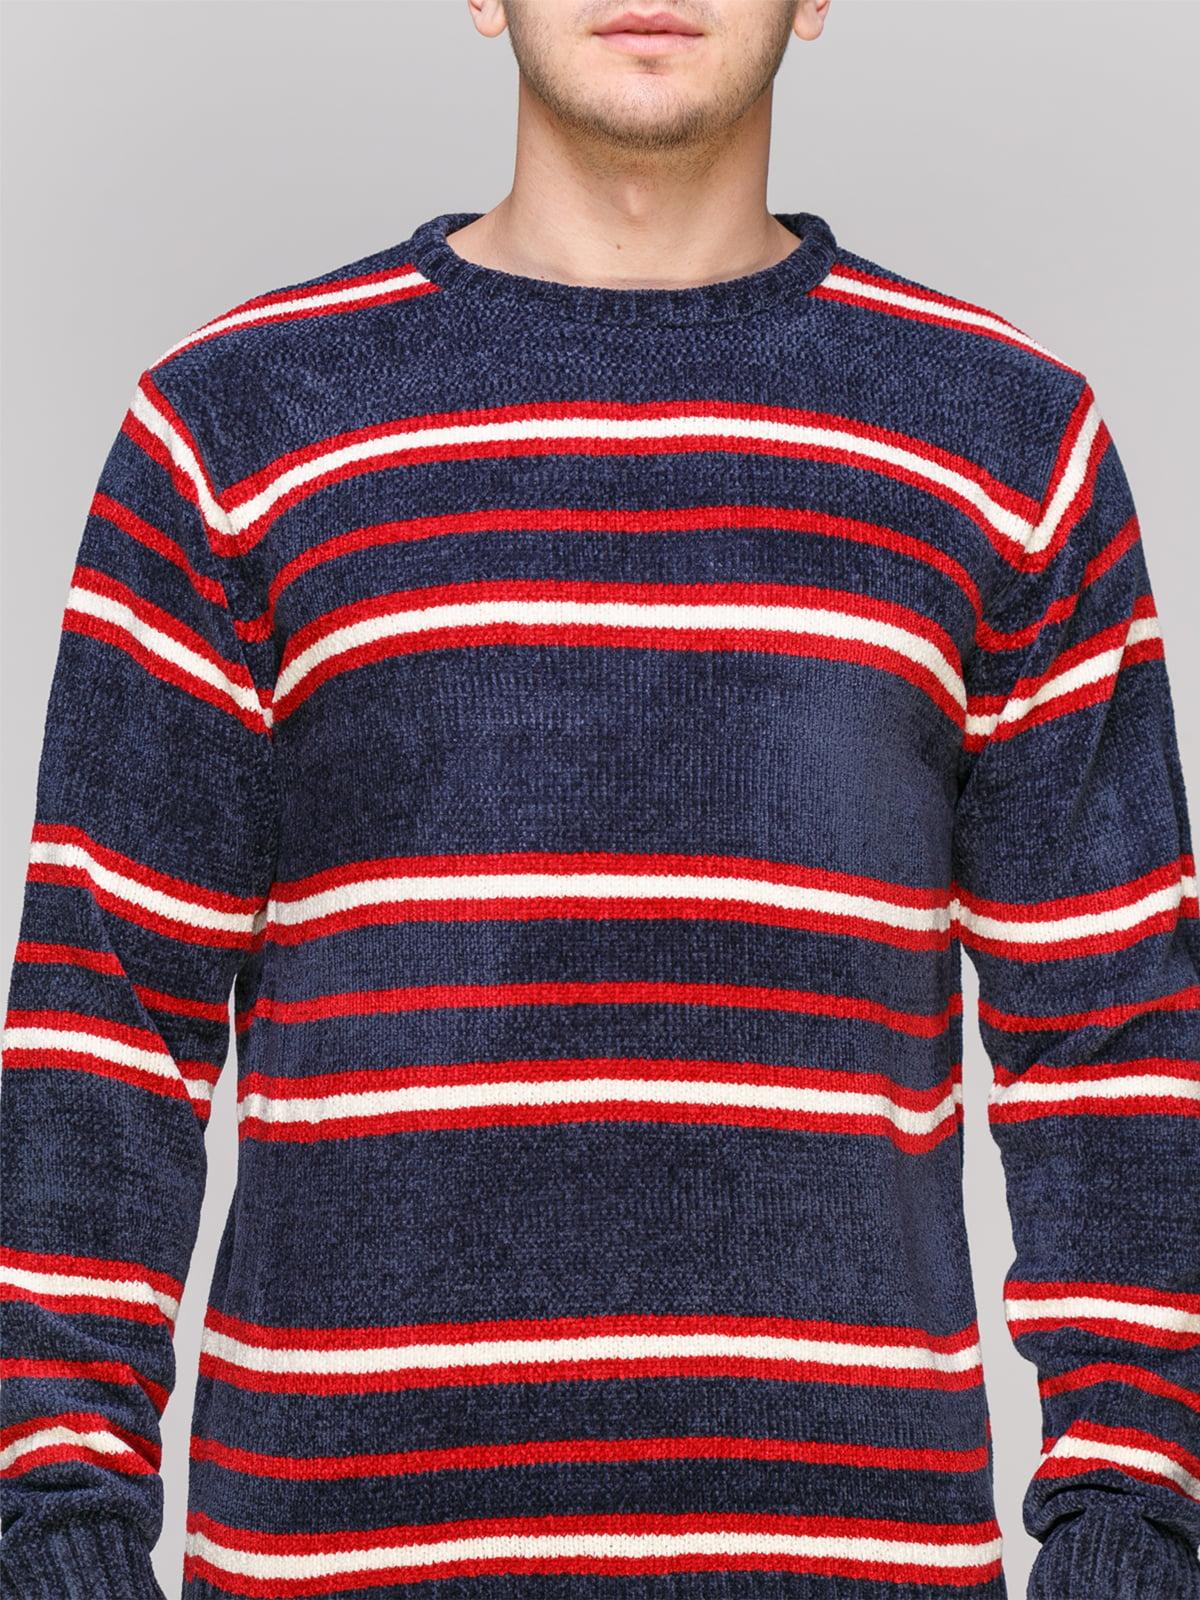 Джемпер темно-синий в красную полоску | 4855004 | фото 3